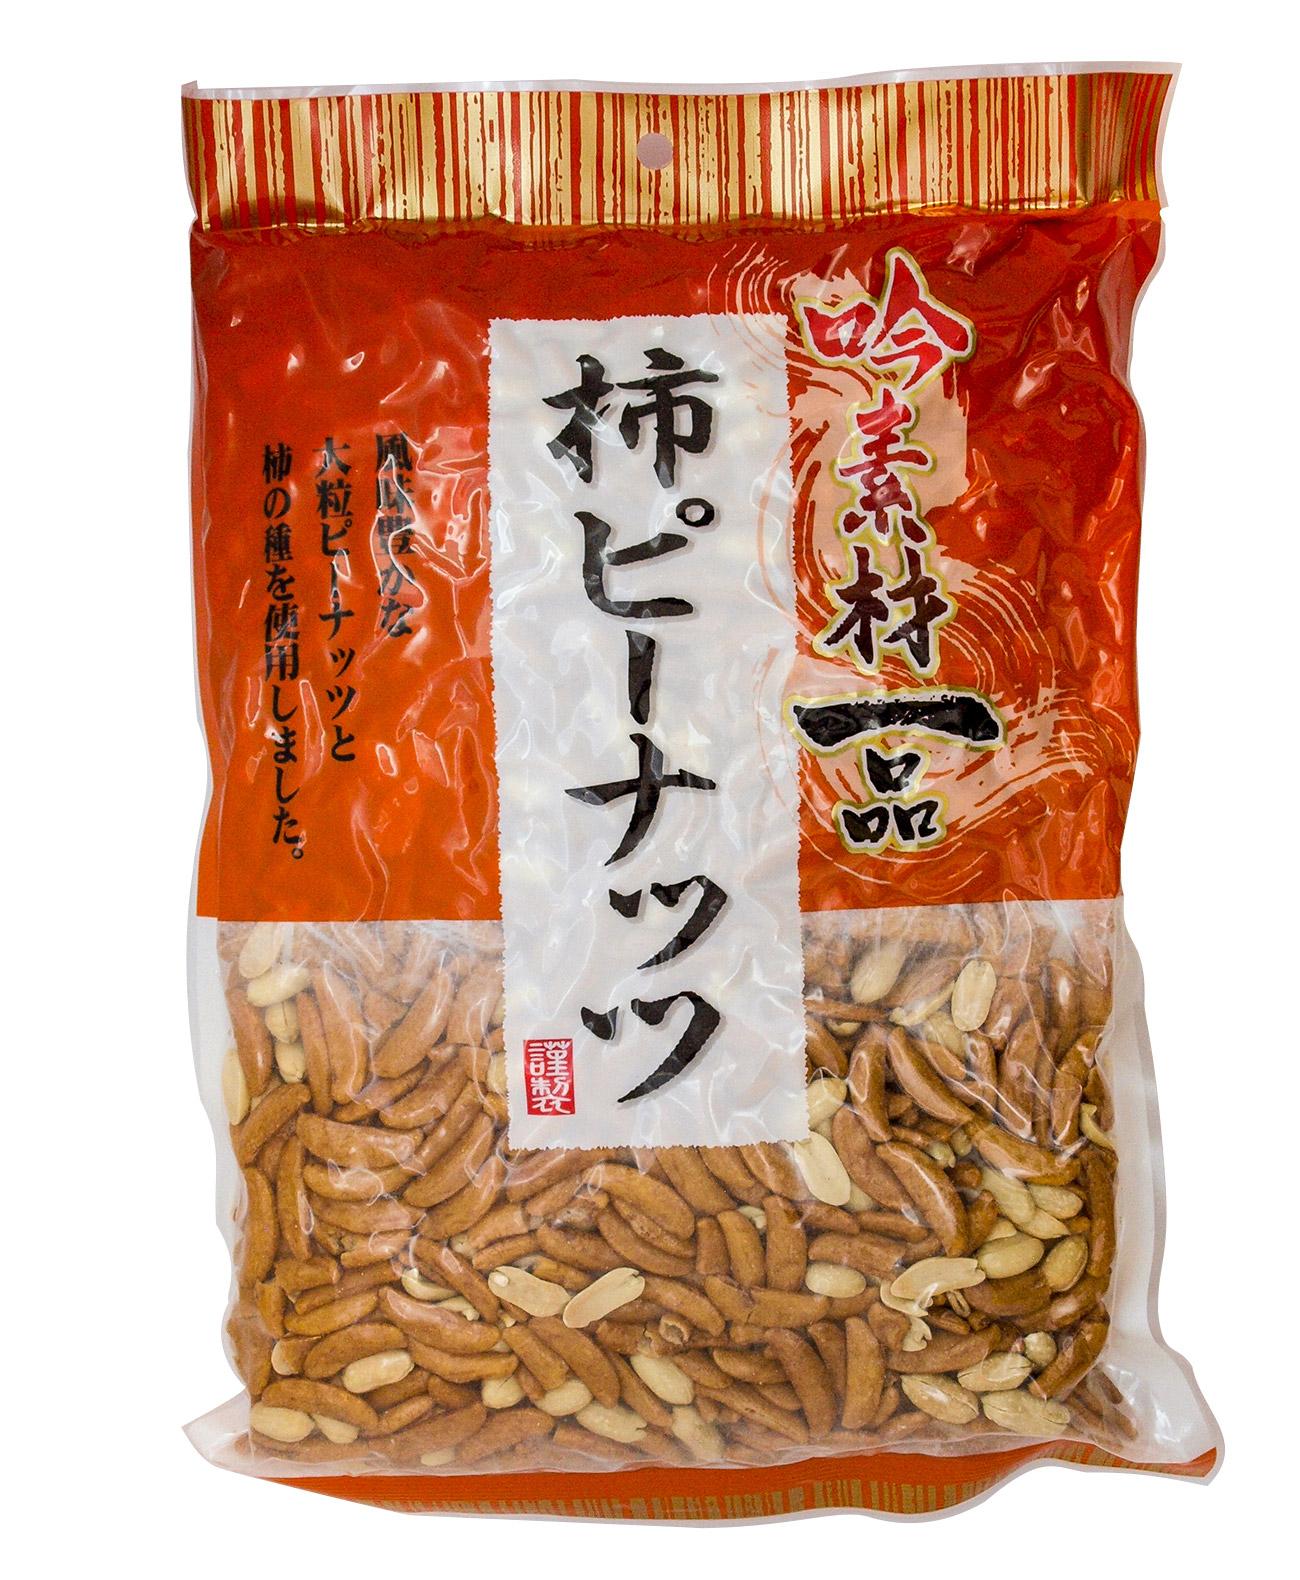 柿ピーナッツ 800g